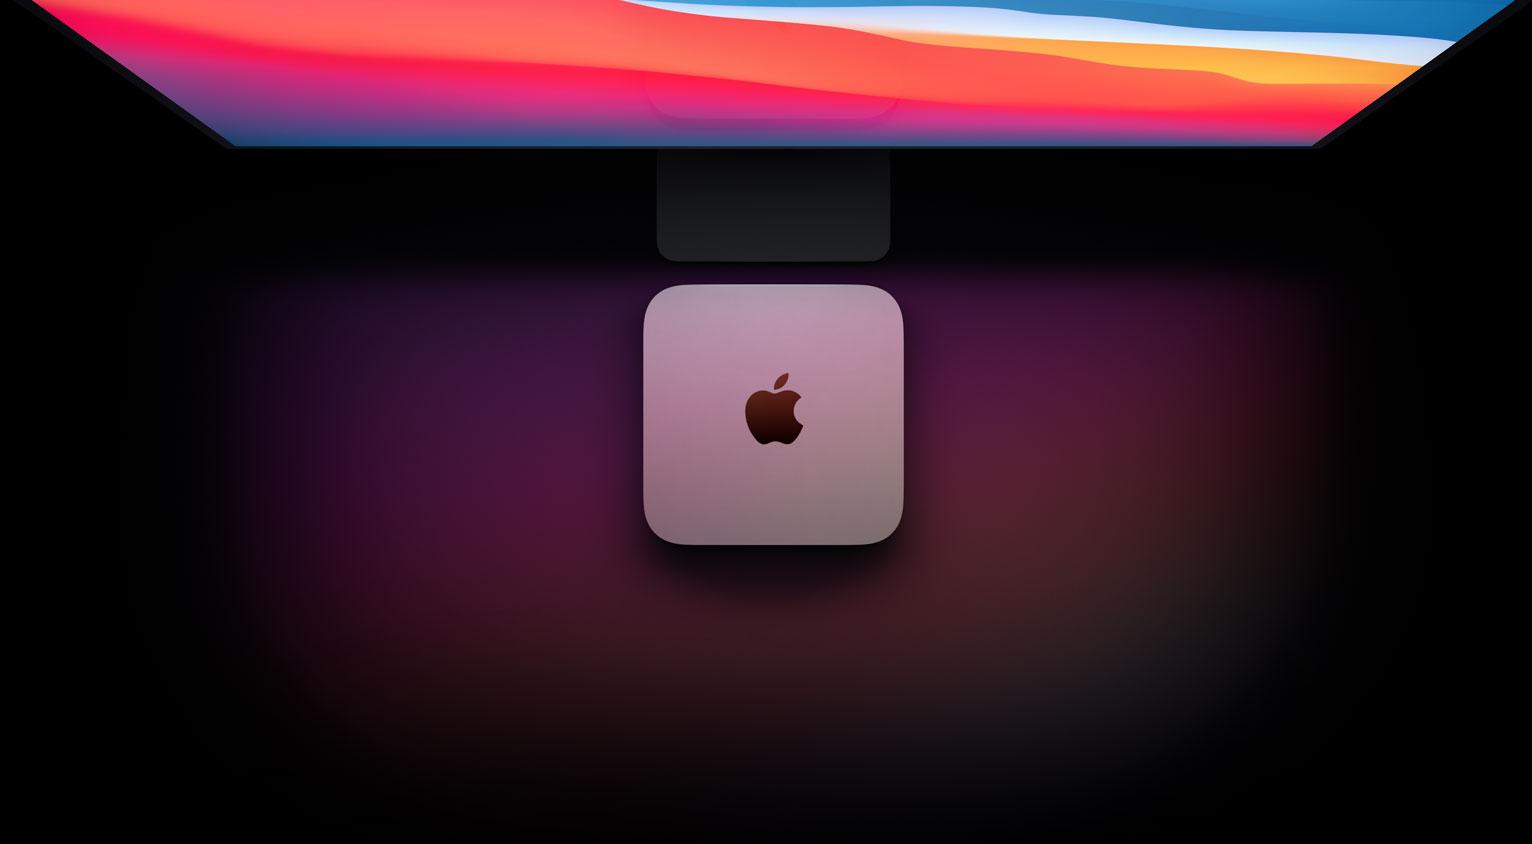 apple-mini-mac-revolution